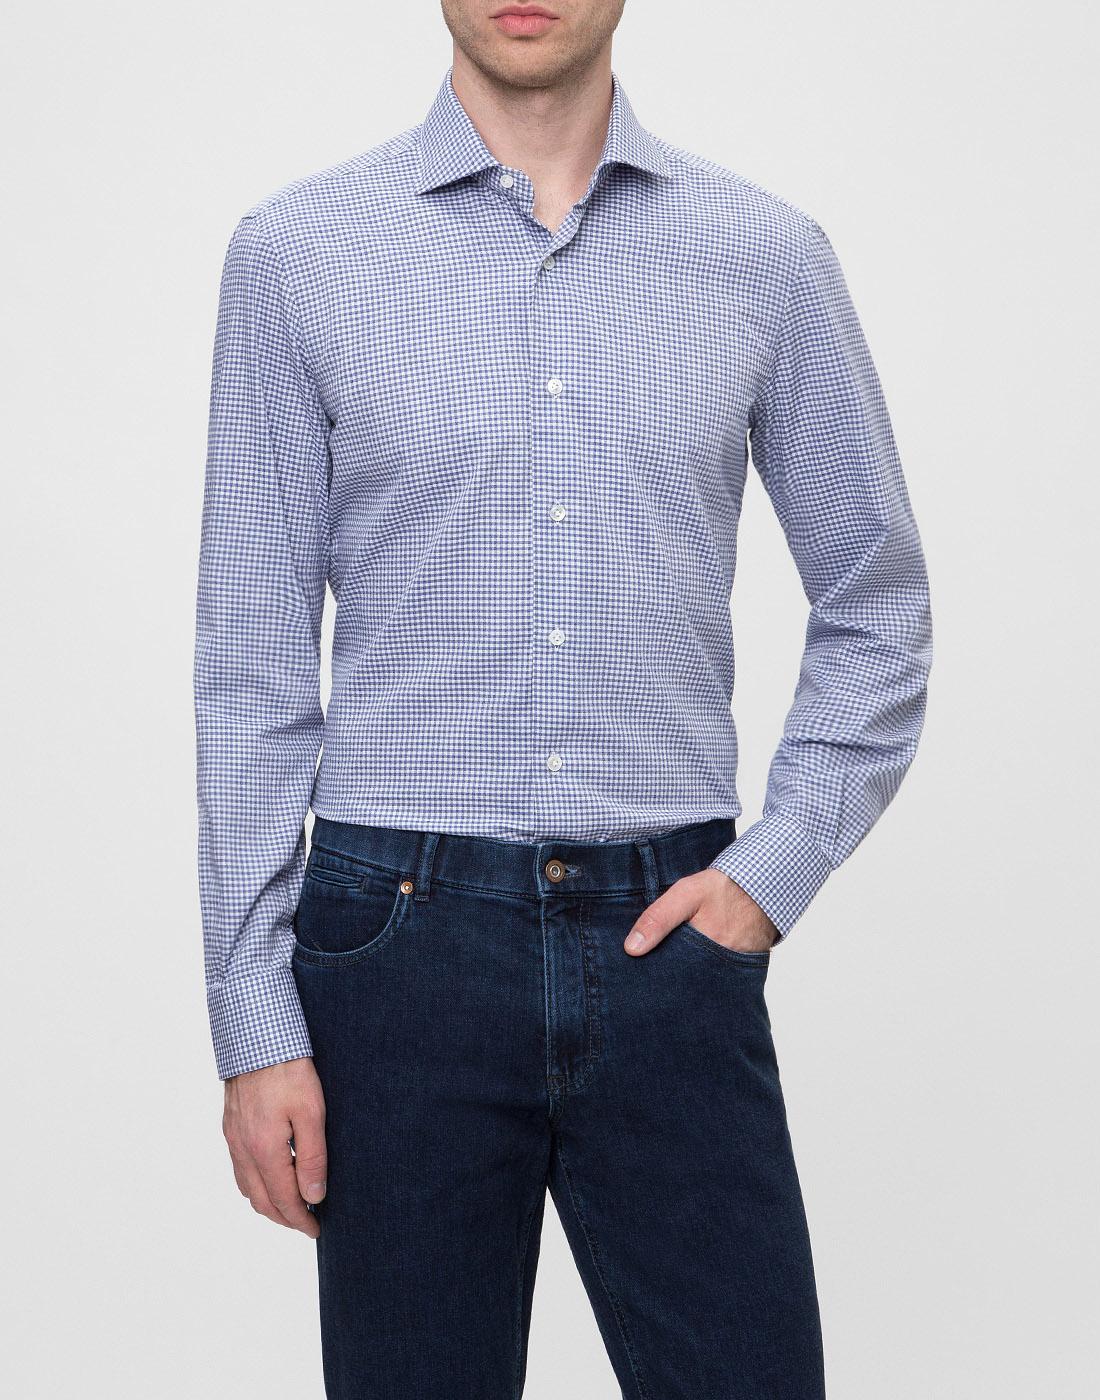 Мужская голубая рубашка в клетку Barba SK4U132599301W-2